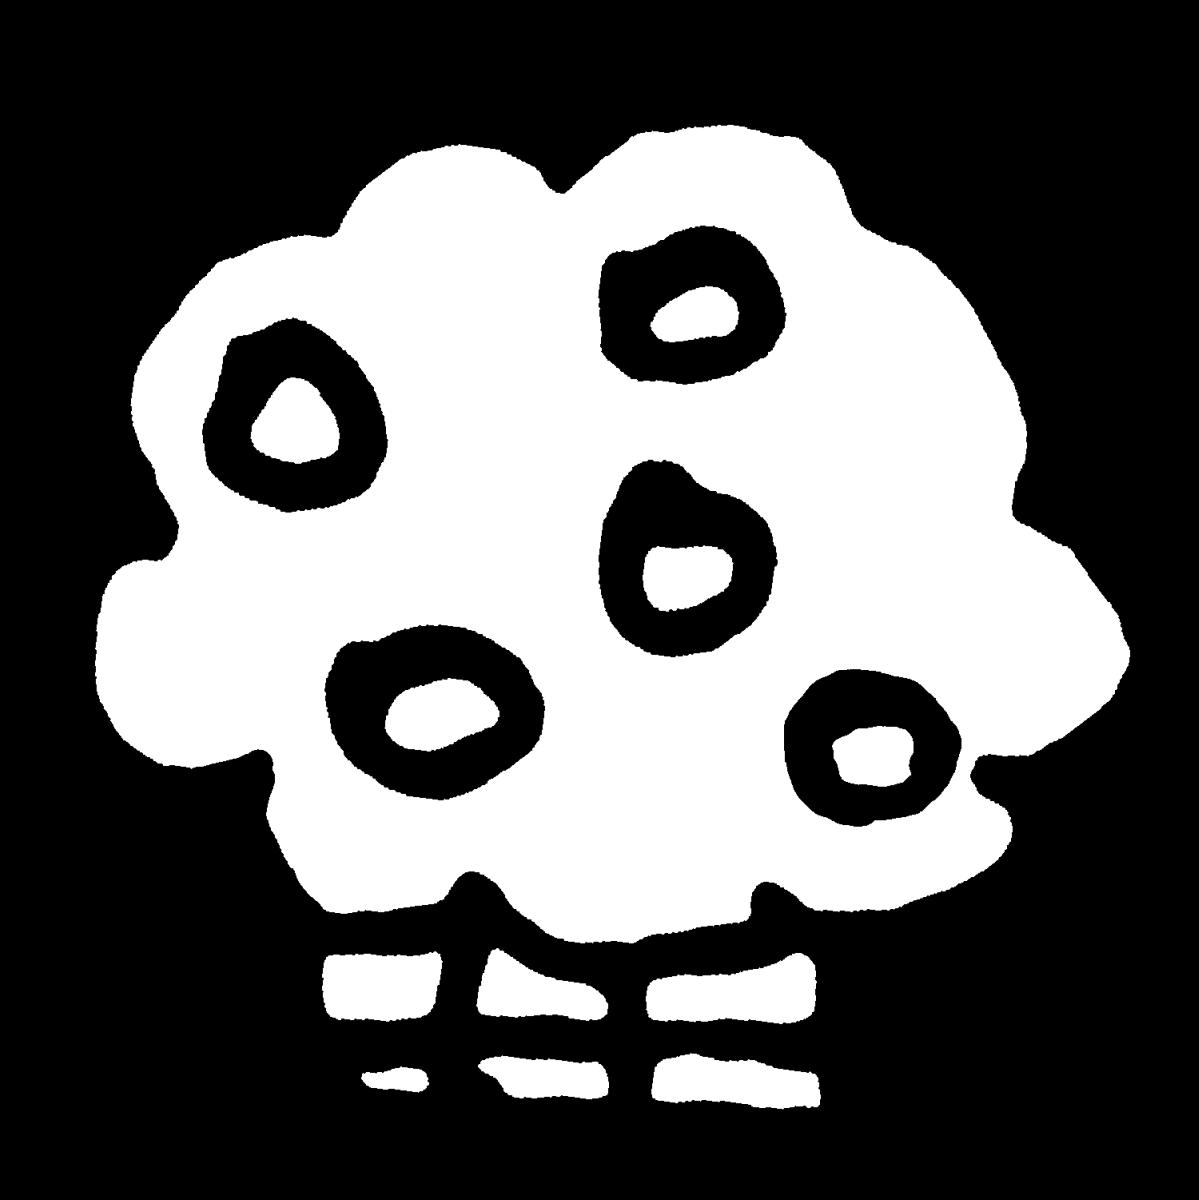 右近の橘(ひな人形お道具)のイラスト / Ukon no Tachibana (Hina Doll Tools) Illustration